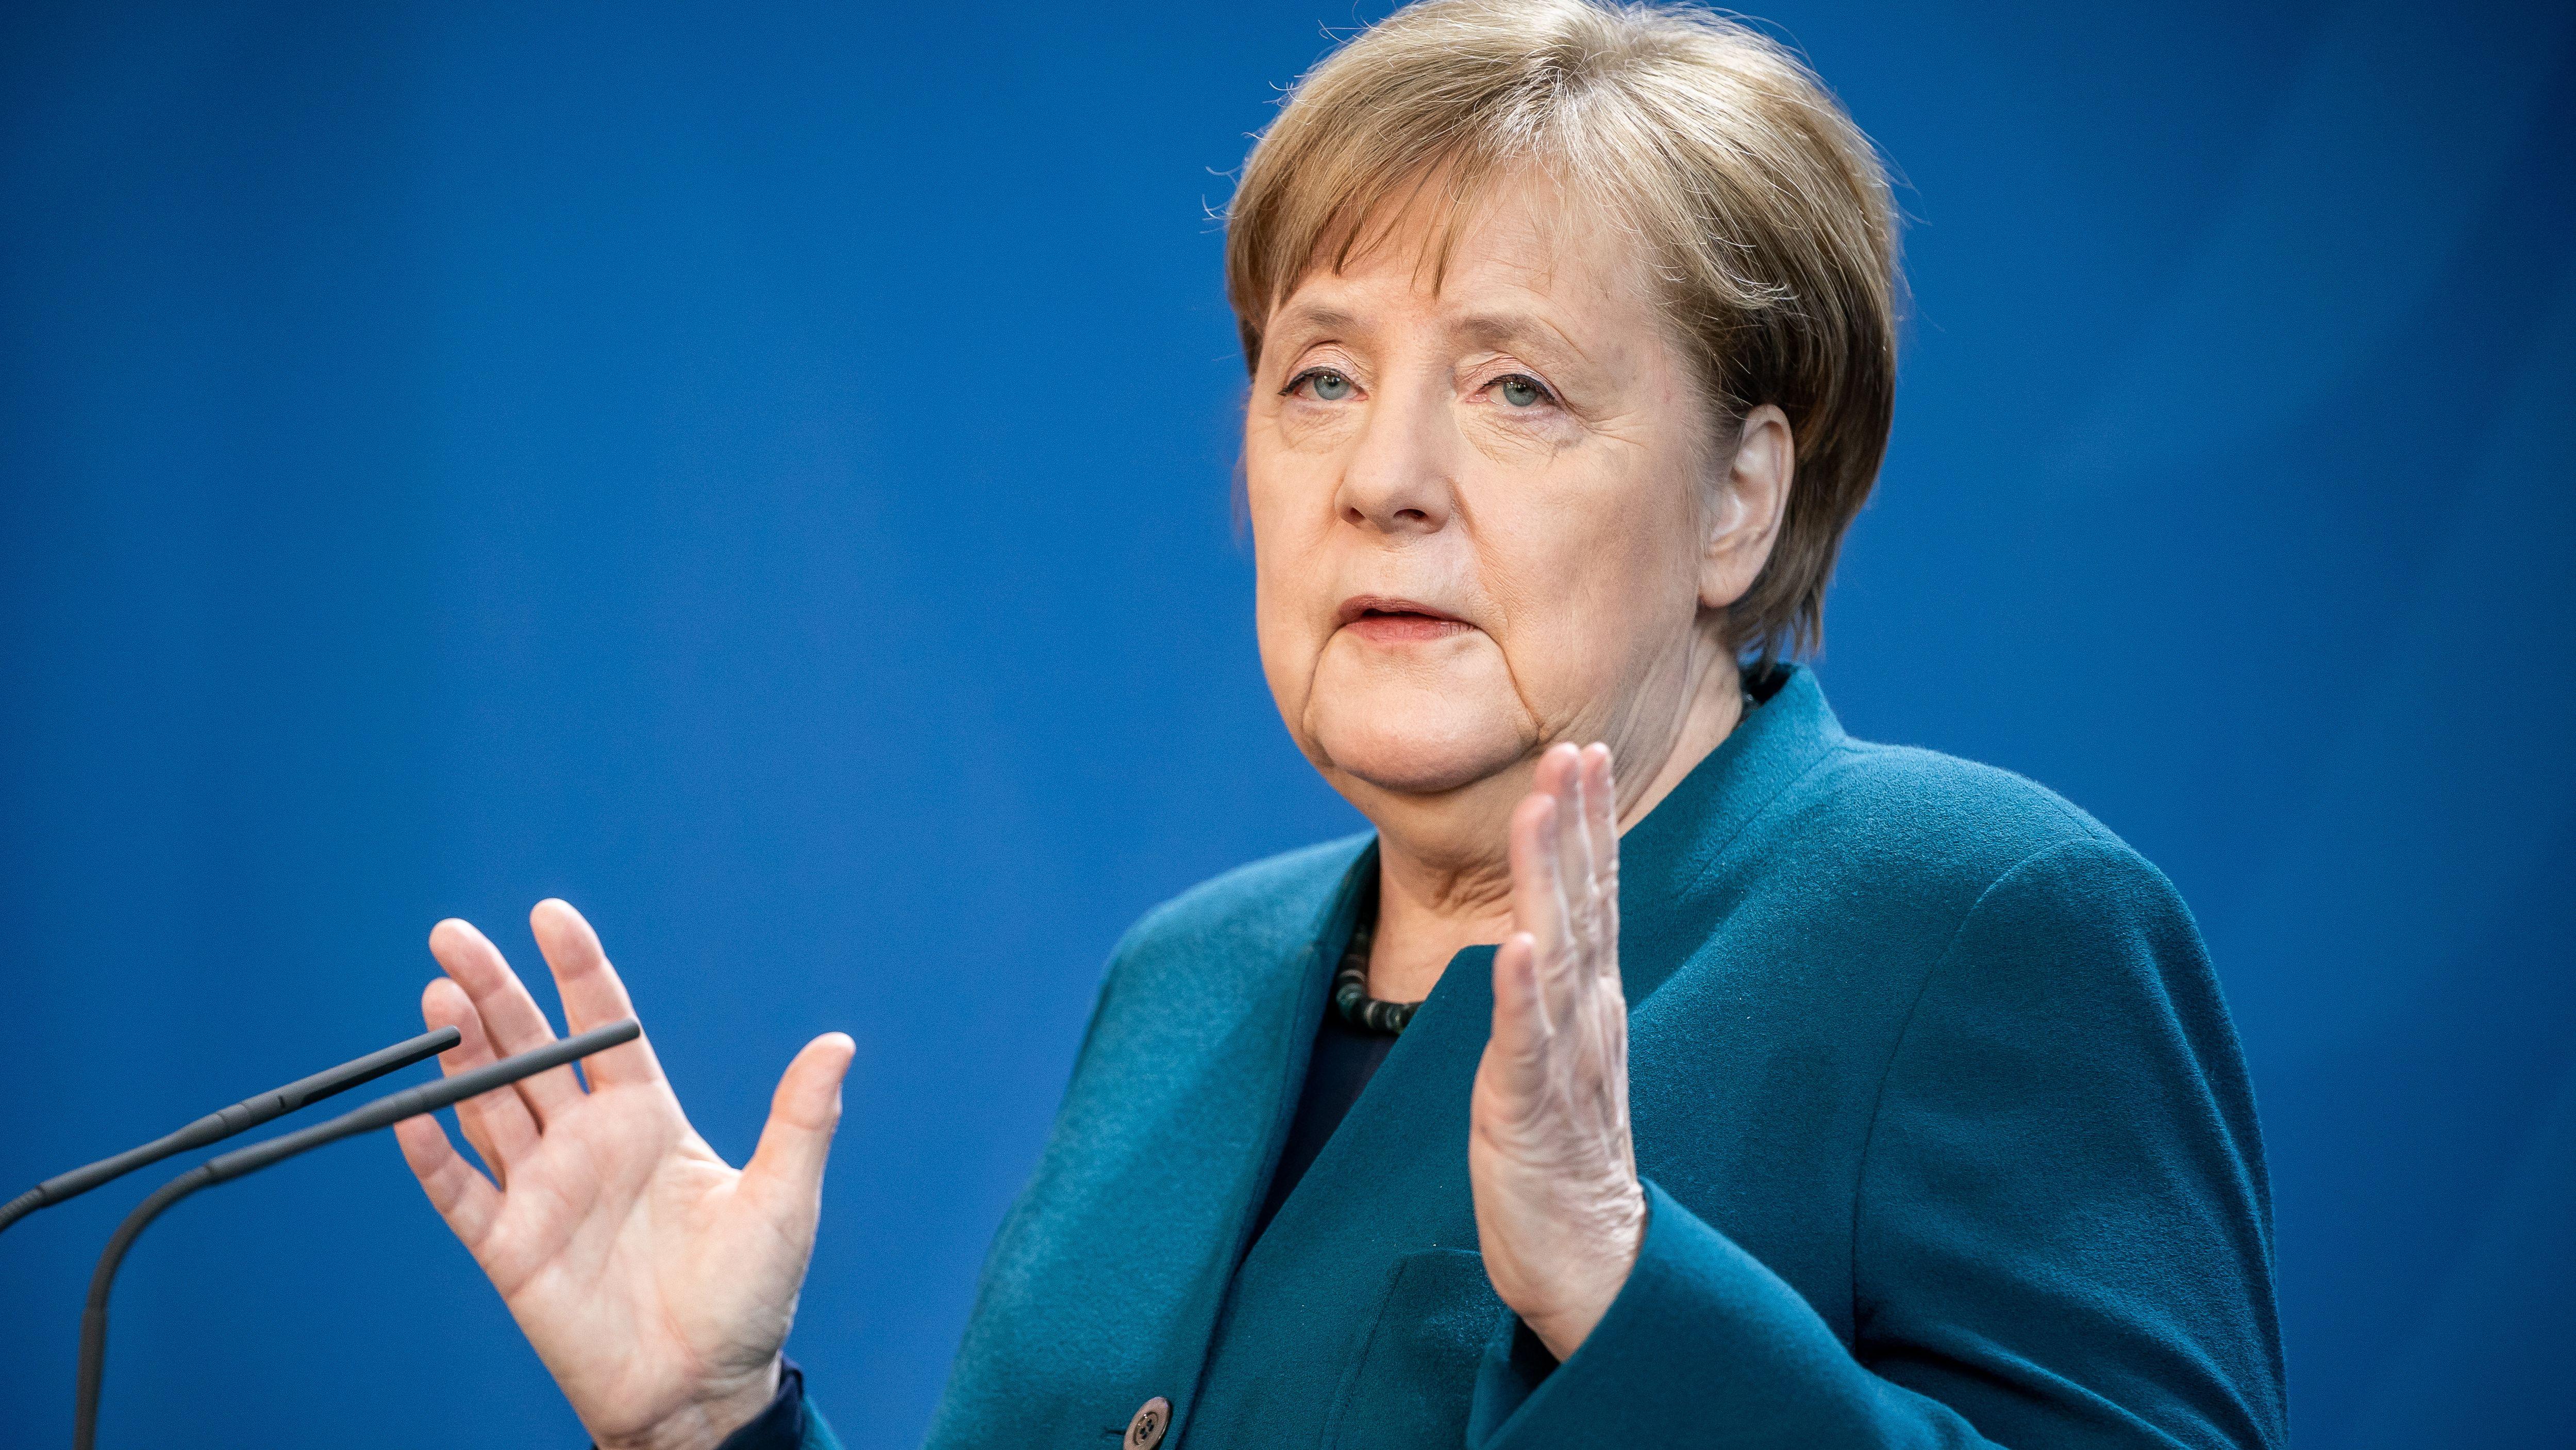 Bundeskanzlerin Angela Merkel bei einer Pressekonferenz zum Coronavirus.